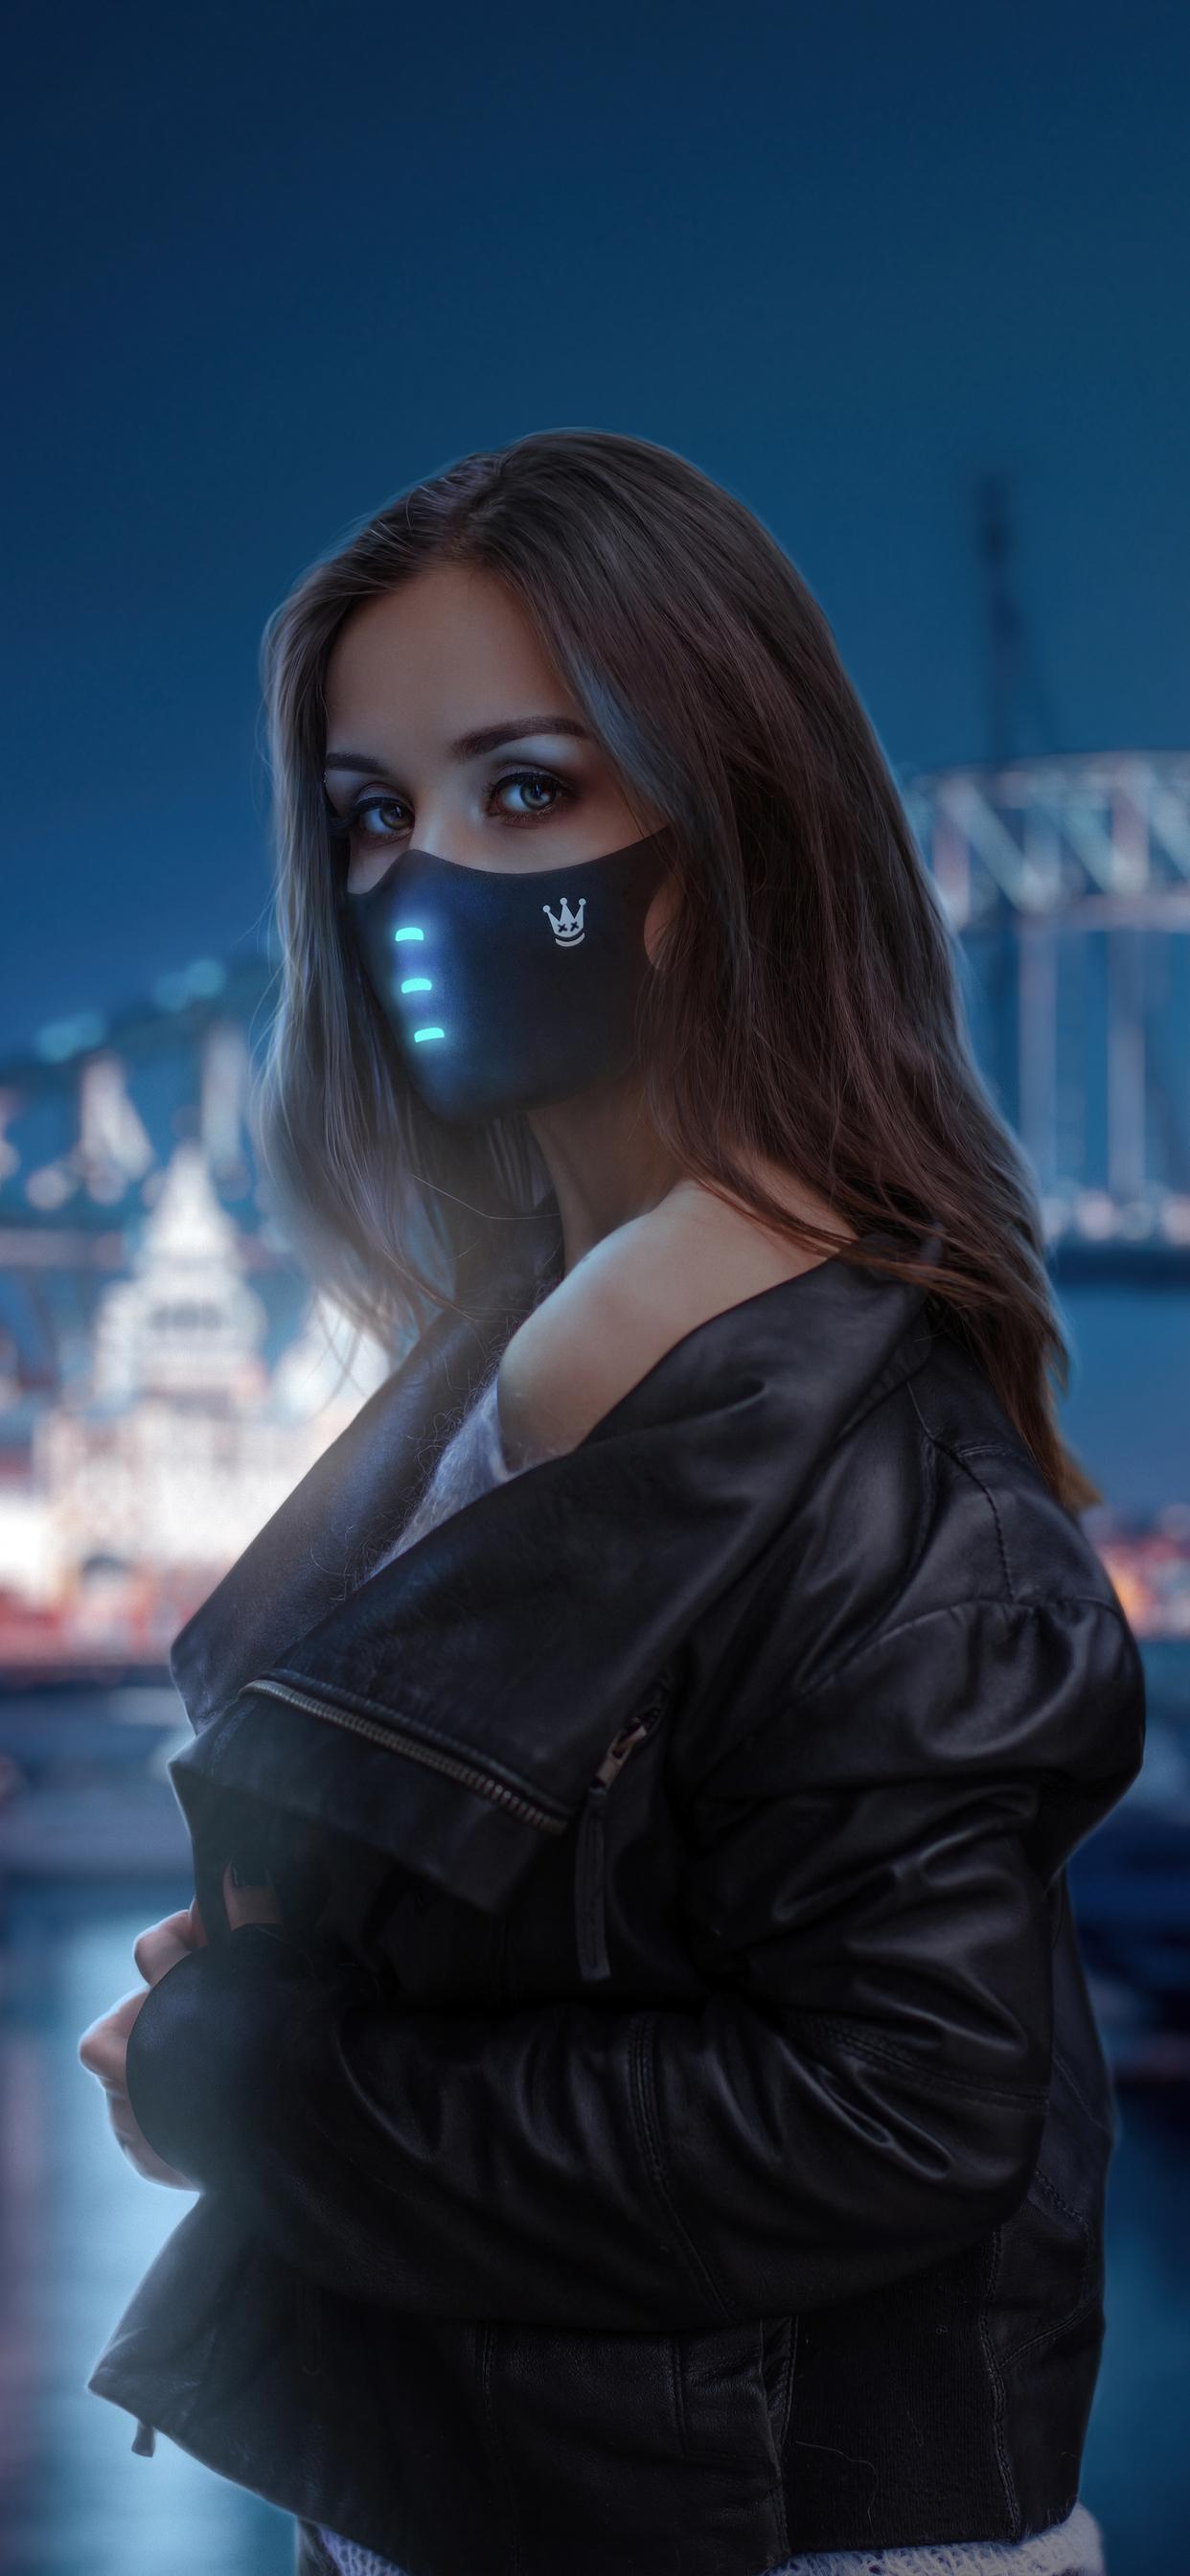 girl-lightning-mask-looking-back-5k-bh.jpg